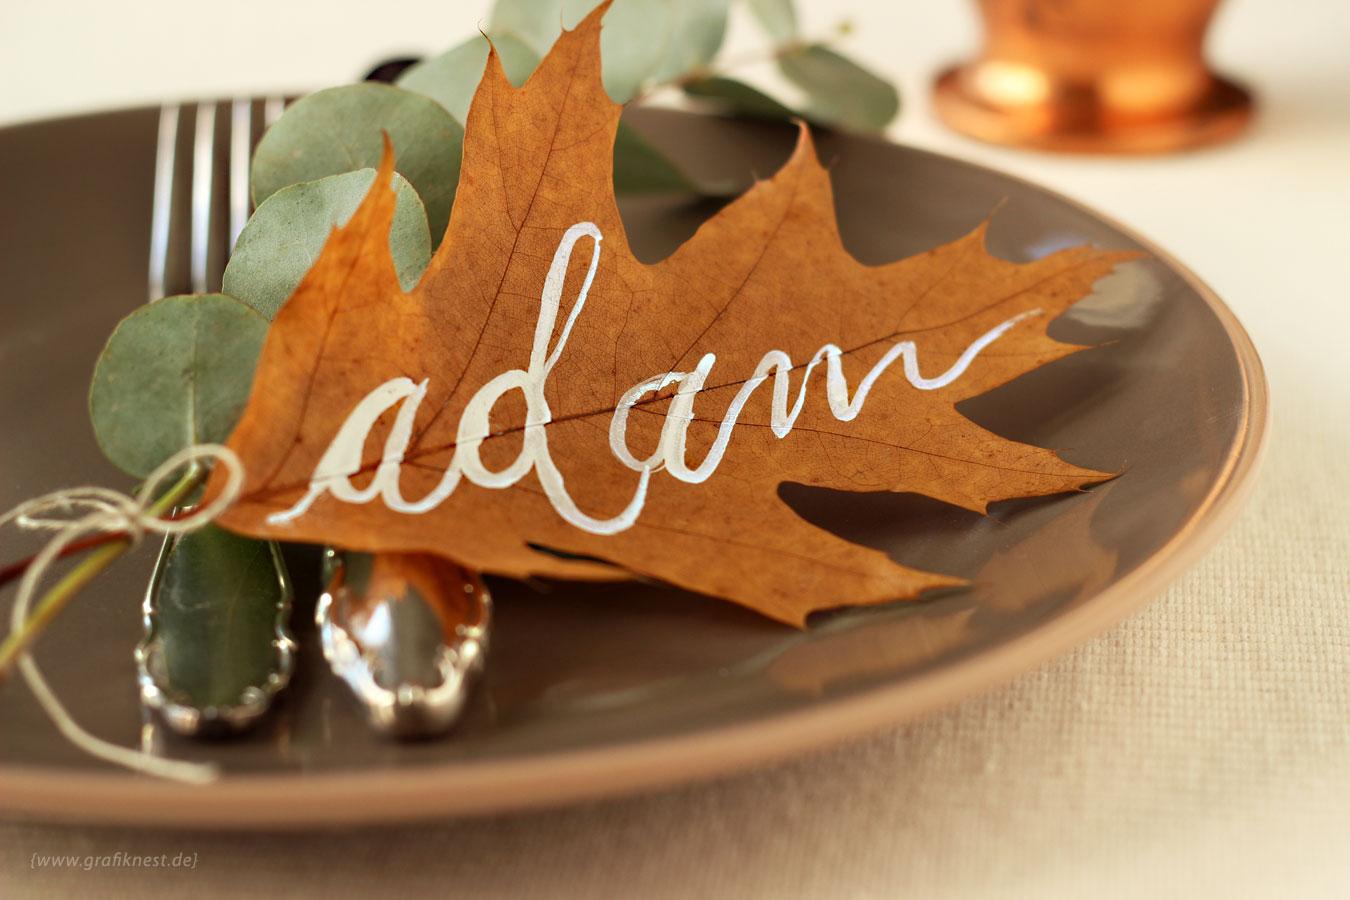 Herbstliche Tafel Inspiration mit Namen auf Laub